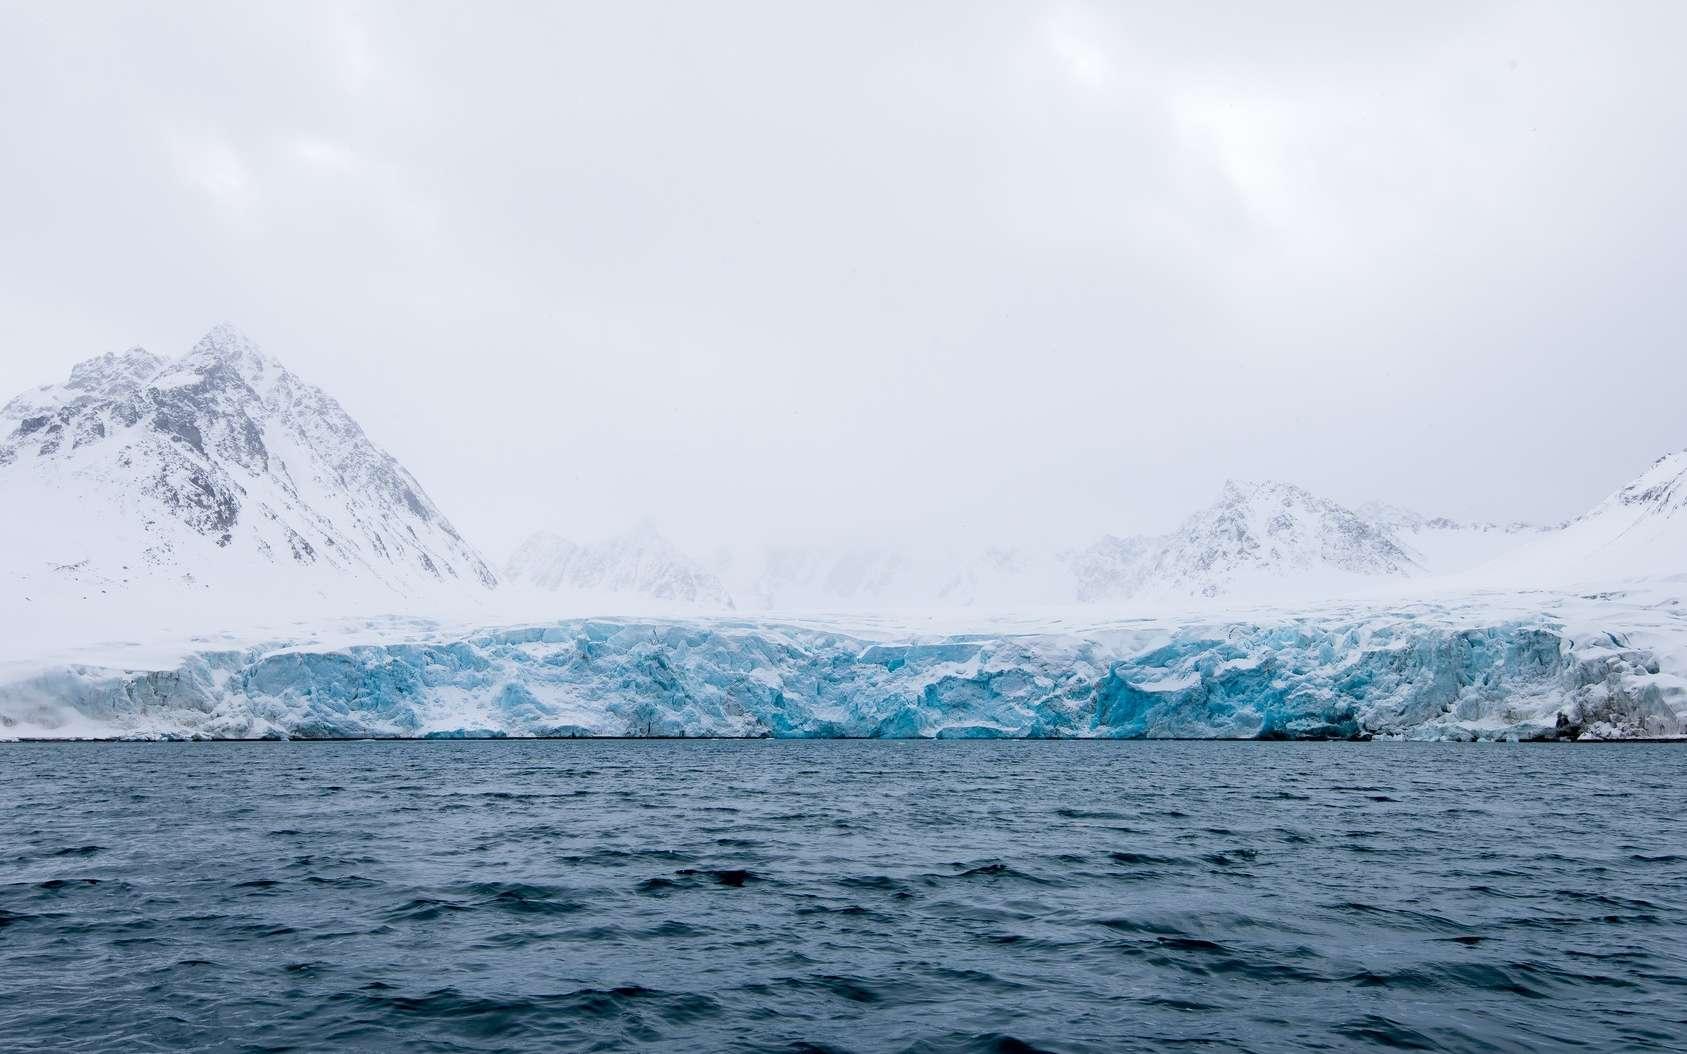 Le Svalbard est un archipel norvégien situé dans l'océan Arctique. © Mats, Fotolia